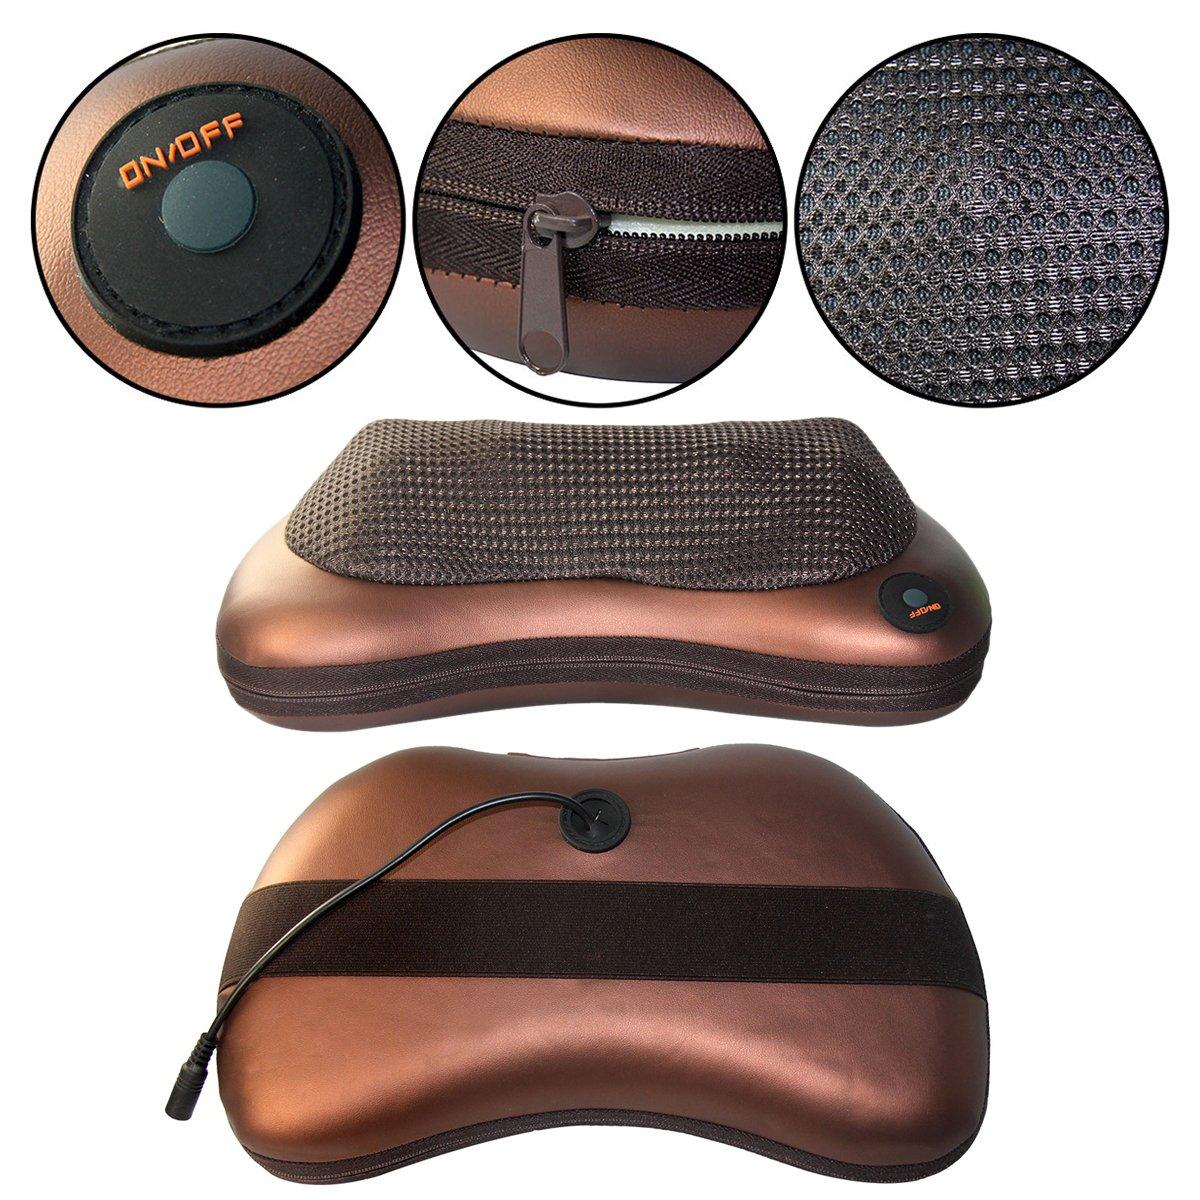 Eléctrico Cuello Espalda Hombro Shiatsu Almohada Masajeador para Hogar, Oficina y Coches (8 Rodillos Térmicos Infrarrojos)